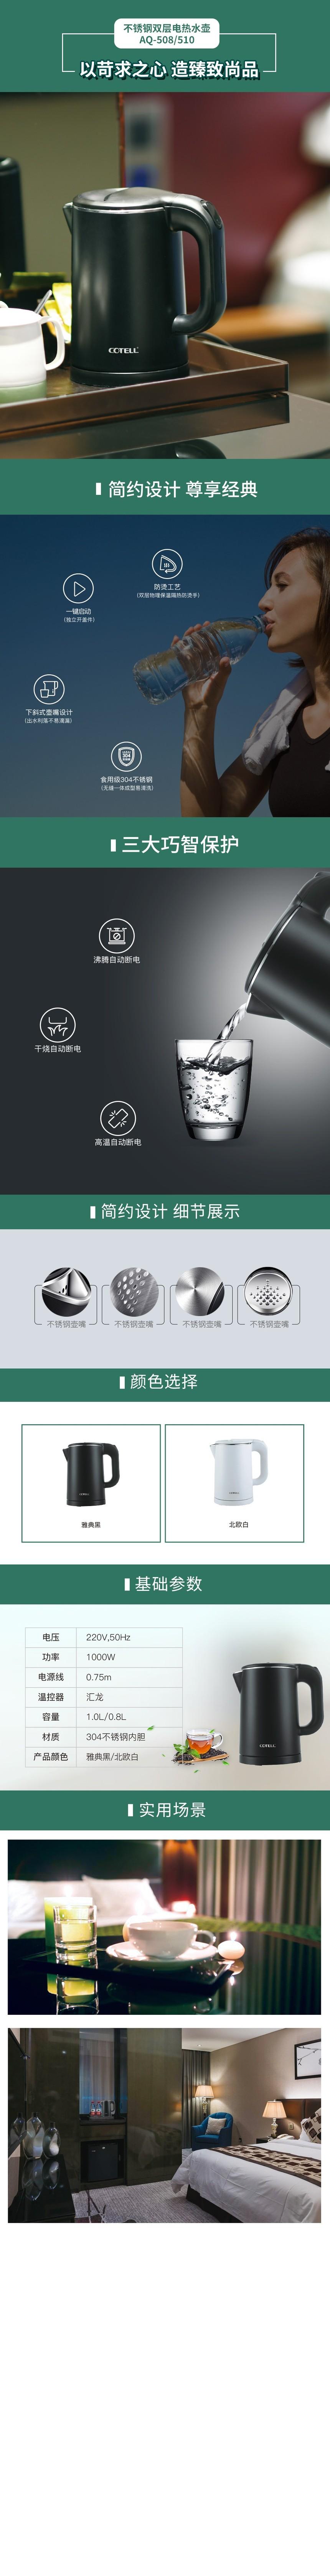 电热水壶详情页1.jpg